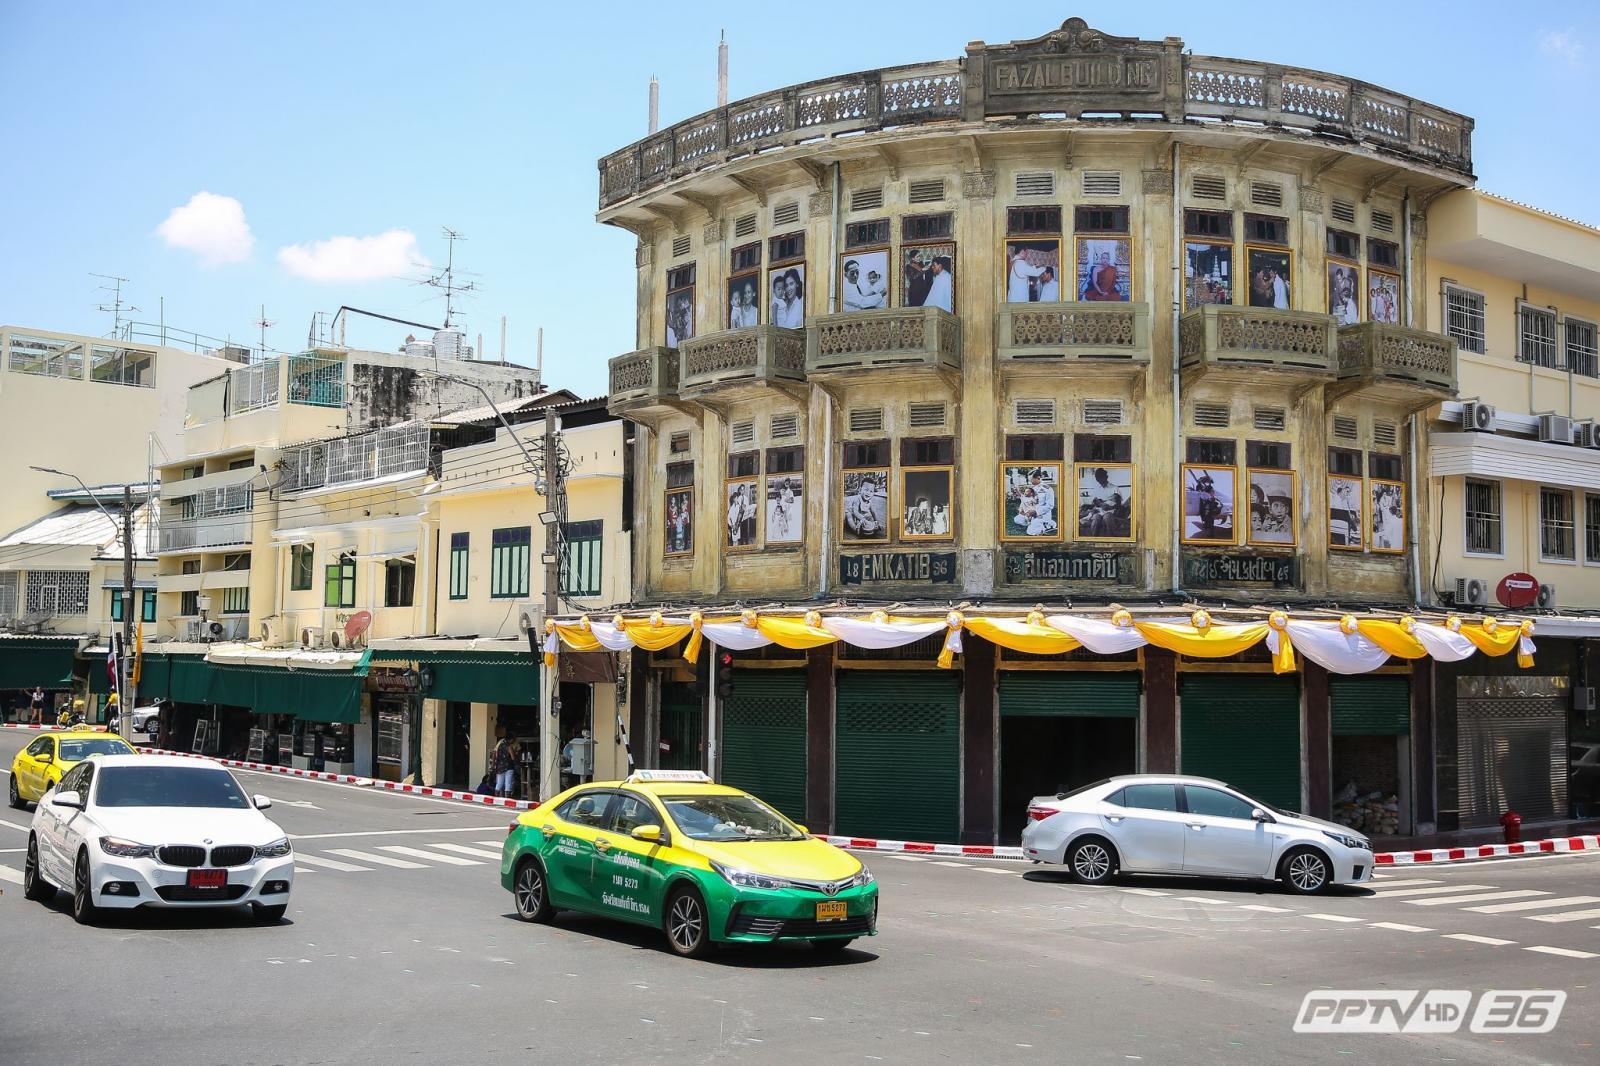 อาคารที่อยู่บริเวณแยกสะพานช้างโรงสี หน้ากระทรวงมหาดไทย คือหนึ่งในเส้นทางริ้วขบวนเสด็จพยุหยาตราทางสถลมารค พระราชพิธีบรมราชาภิเษก พุทธศักราช ๒๕๖๒